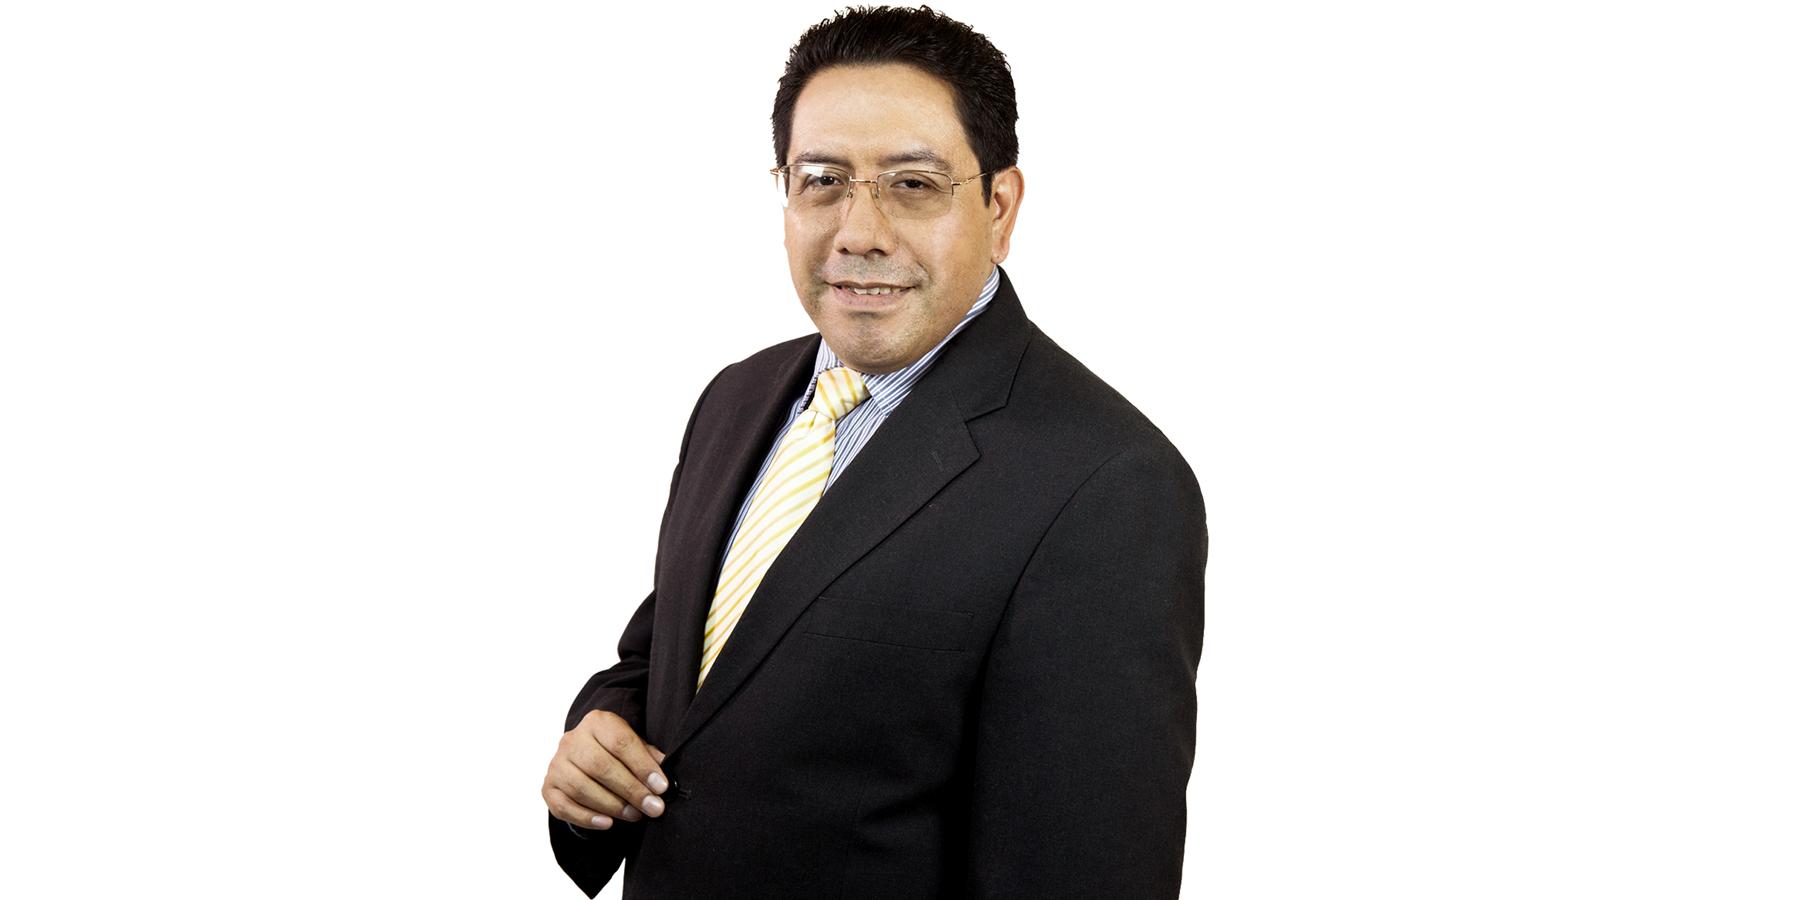 Lic. Alberto Antonio Rangel Huacuz